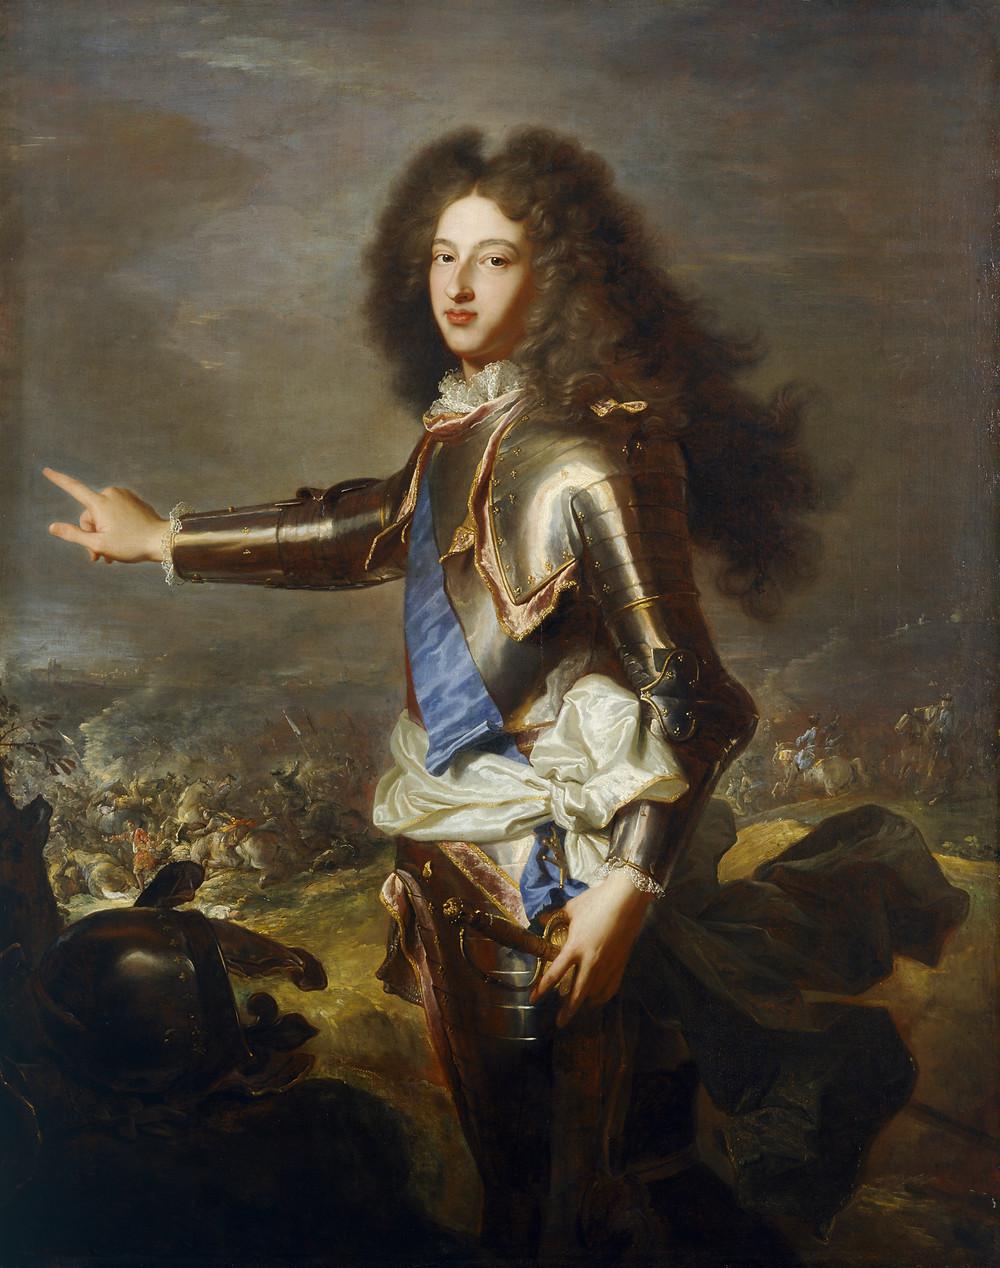 Hyacinthe Rigaud et Joseph Parrocel, Portrait de Louis de Bourbon, duc de Bourgogne, 1702-1703, Kenwood House, The Iveagh Bequest, inv. IBK 958